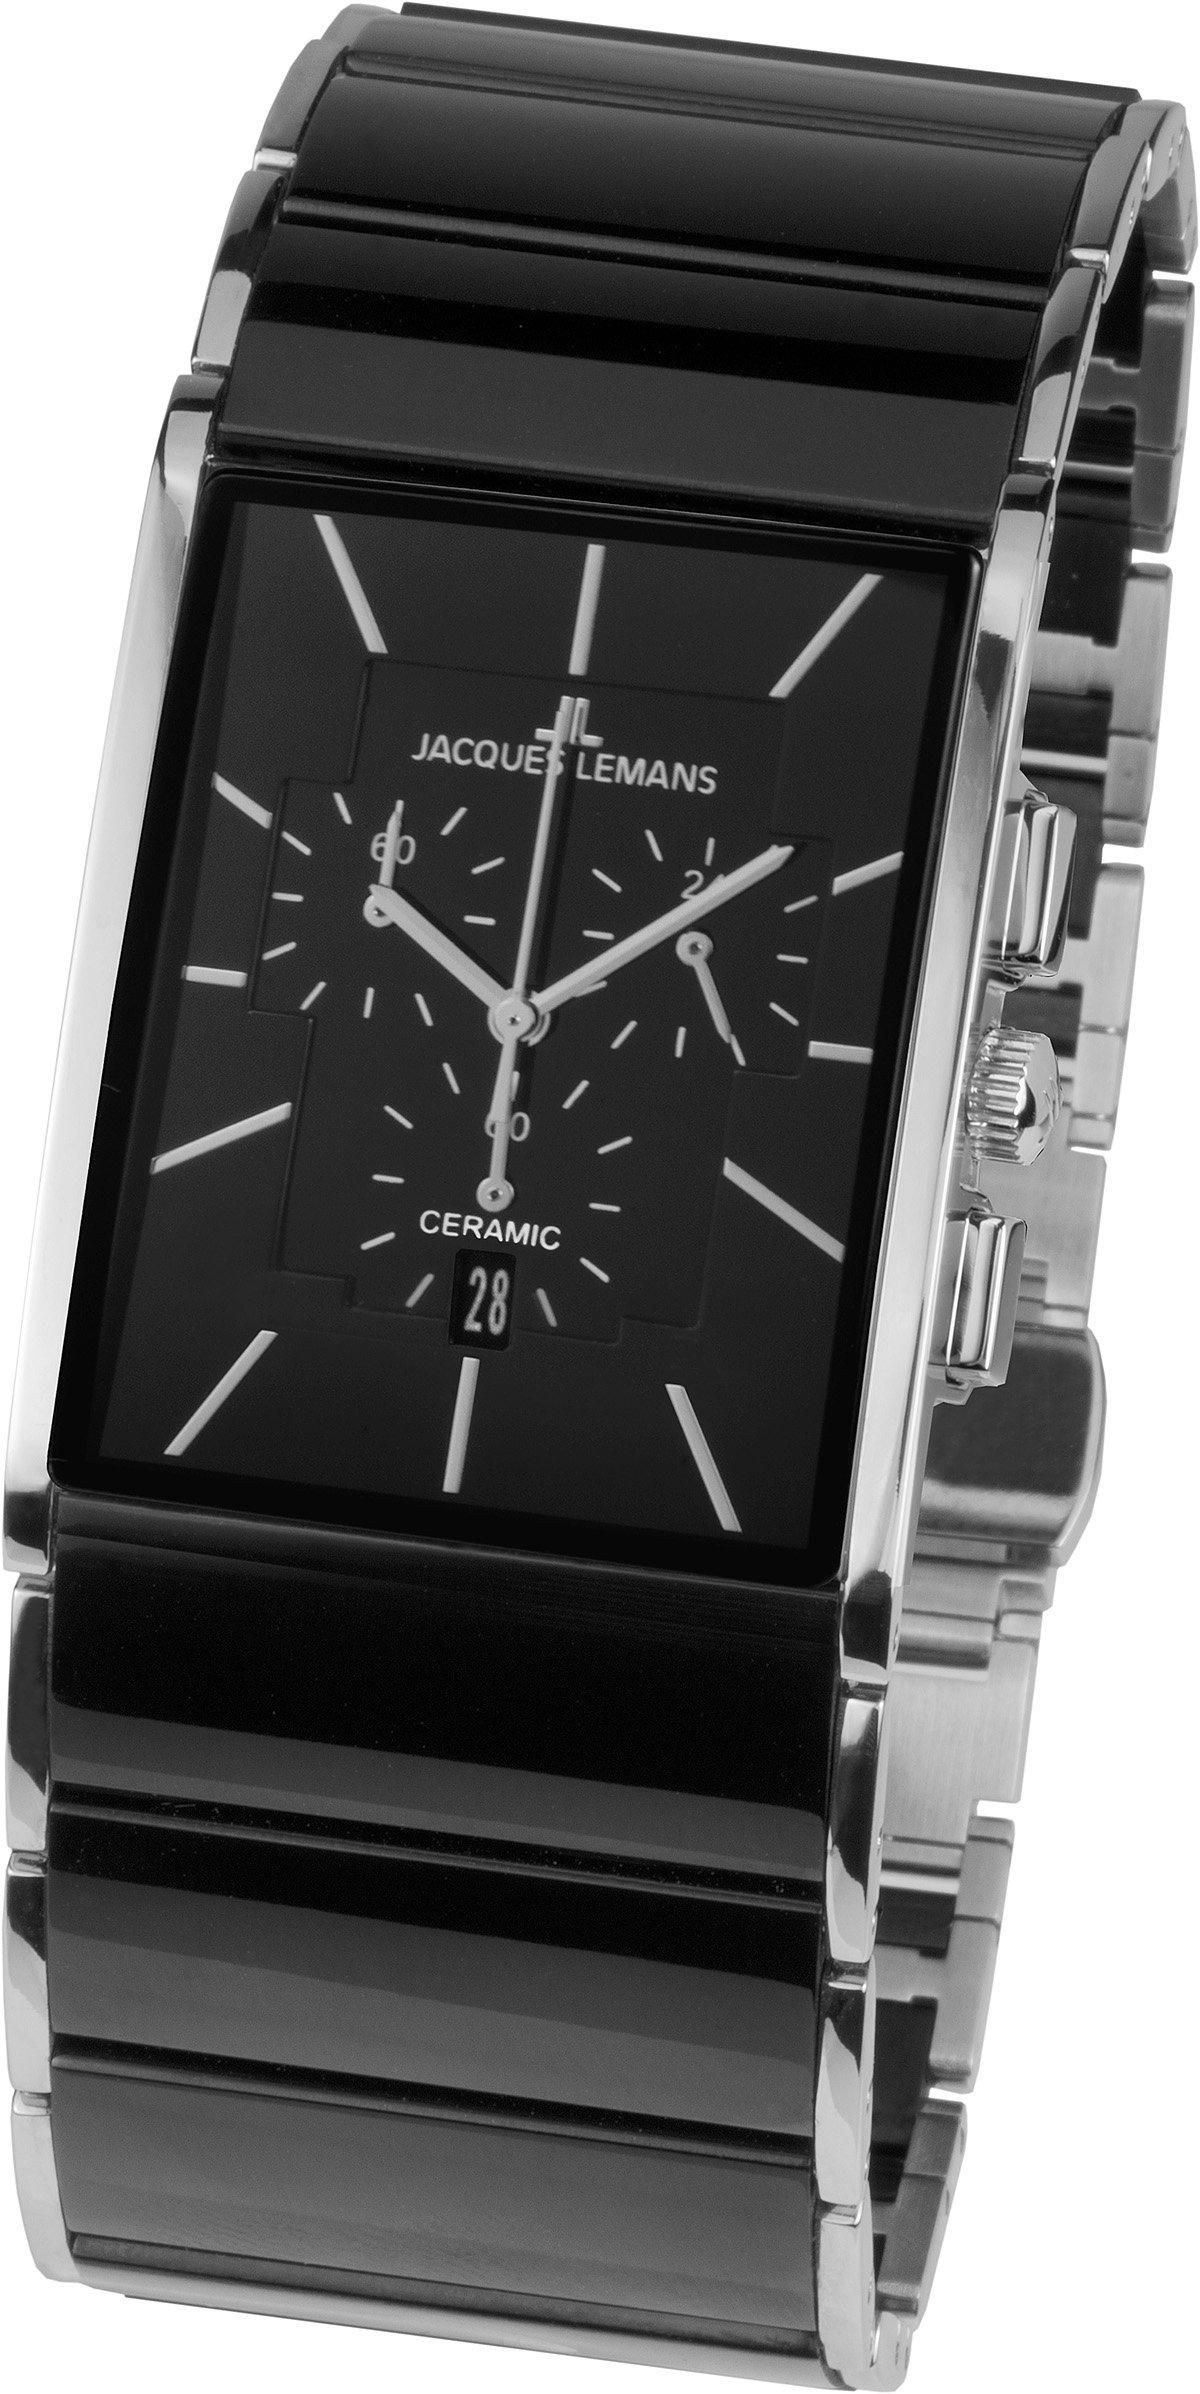 Ремень для часов tag heuer fc характеристики о бренде акции и скидки доставка и оплата бренд jacques lemans jacques lemans - одна из крупнейших компаний по производству наручных часов в мире.